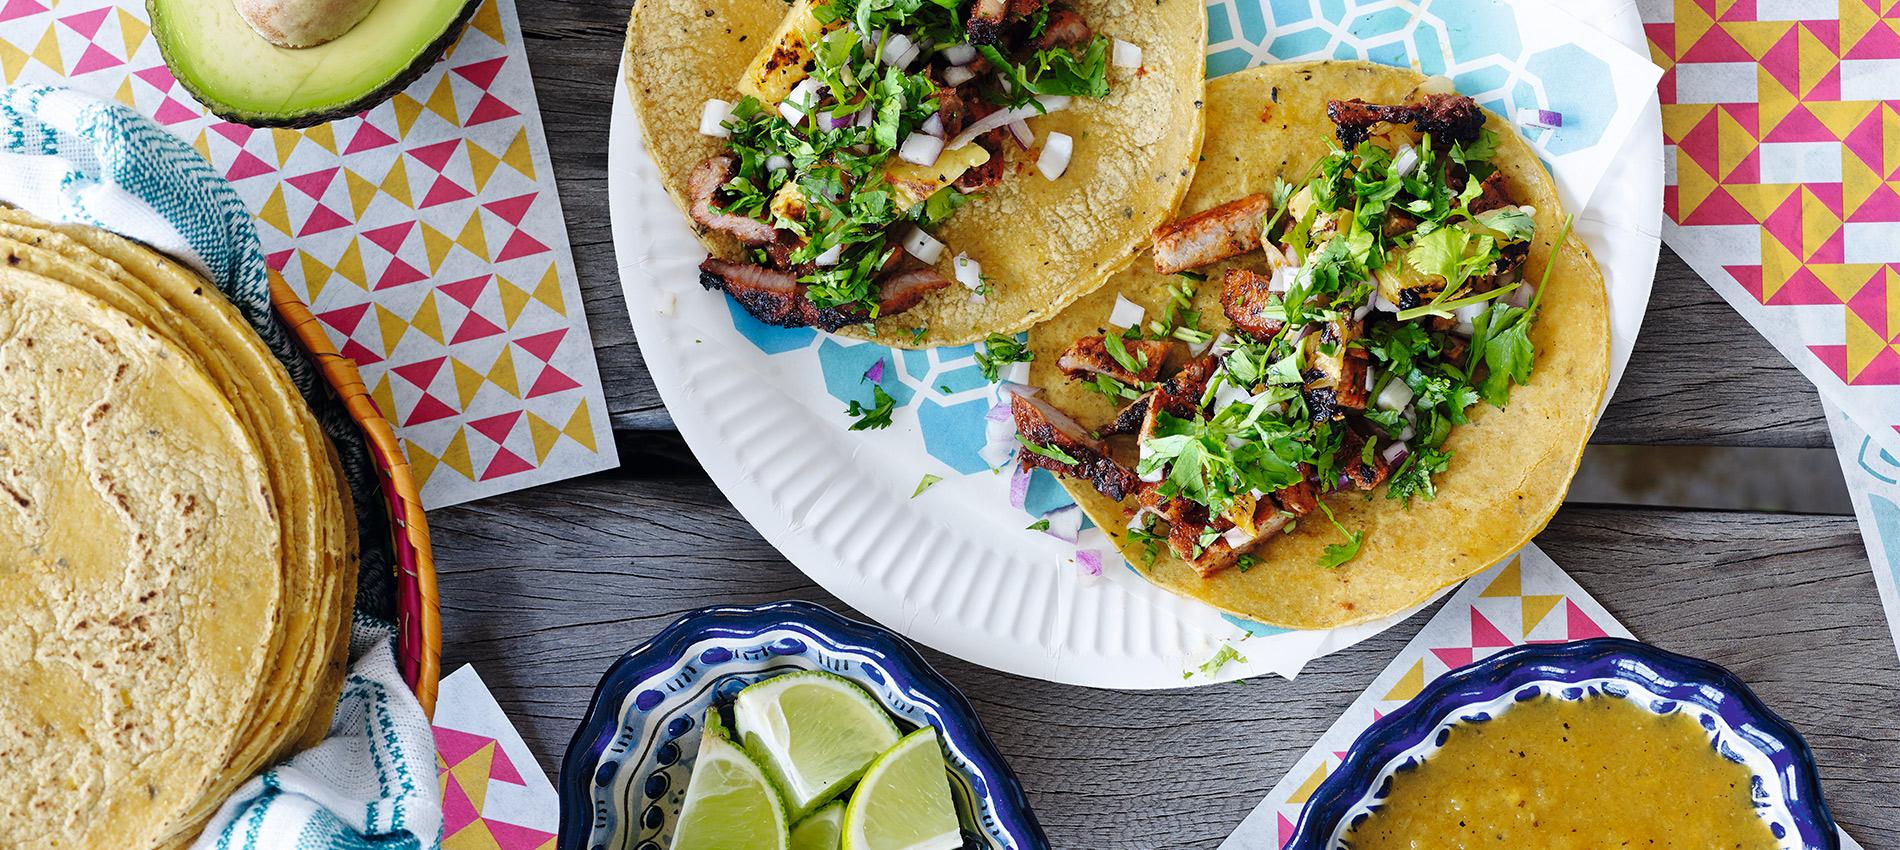 tilbehør til mexicansk mad